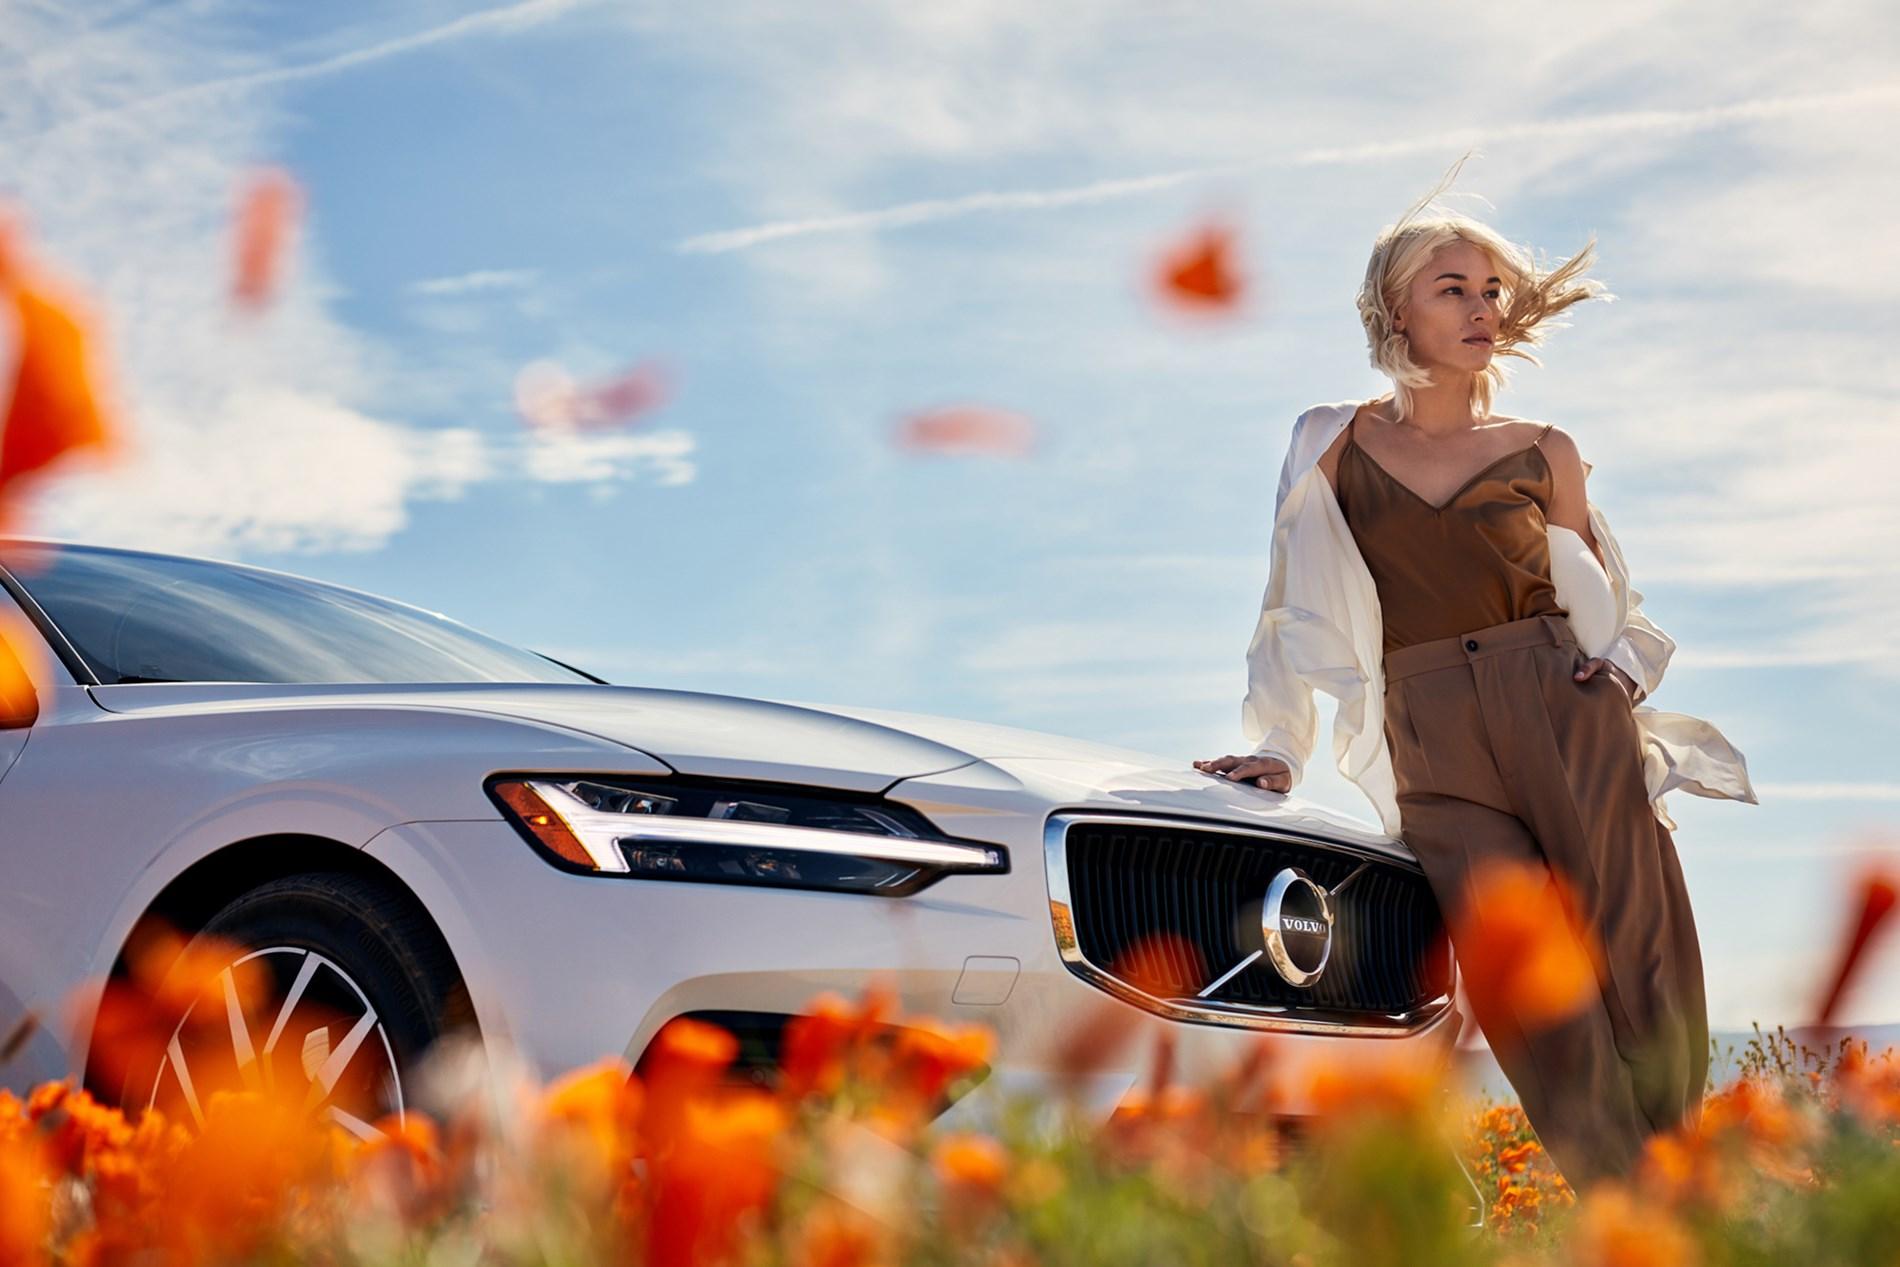 Van Houdt Ontdek onze Volvo summer deals en vertrek met uw nieuwe Volvo op vakantie